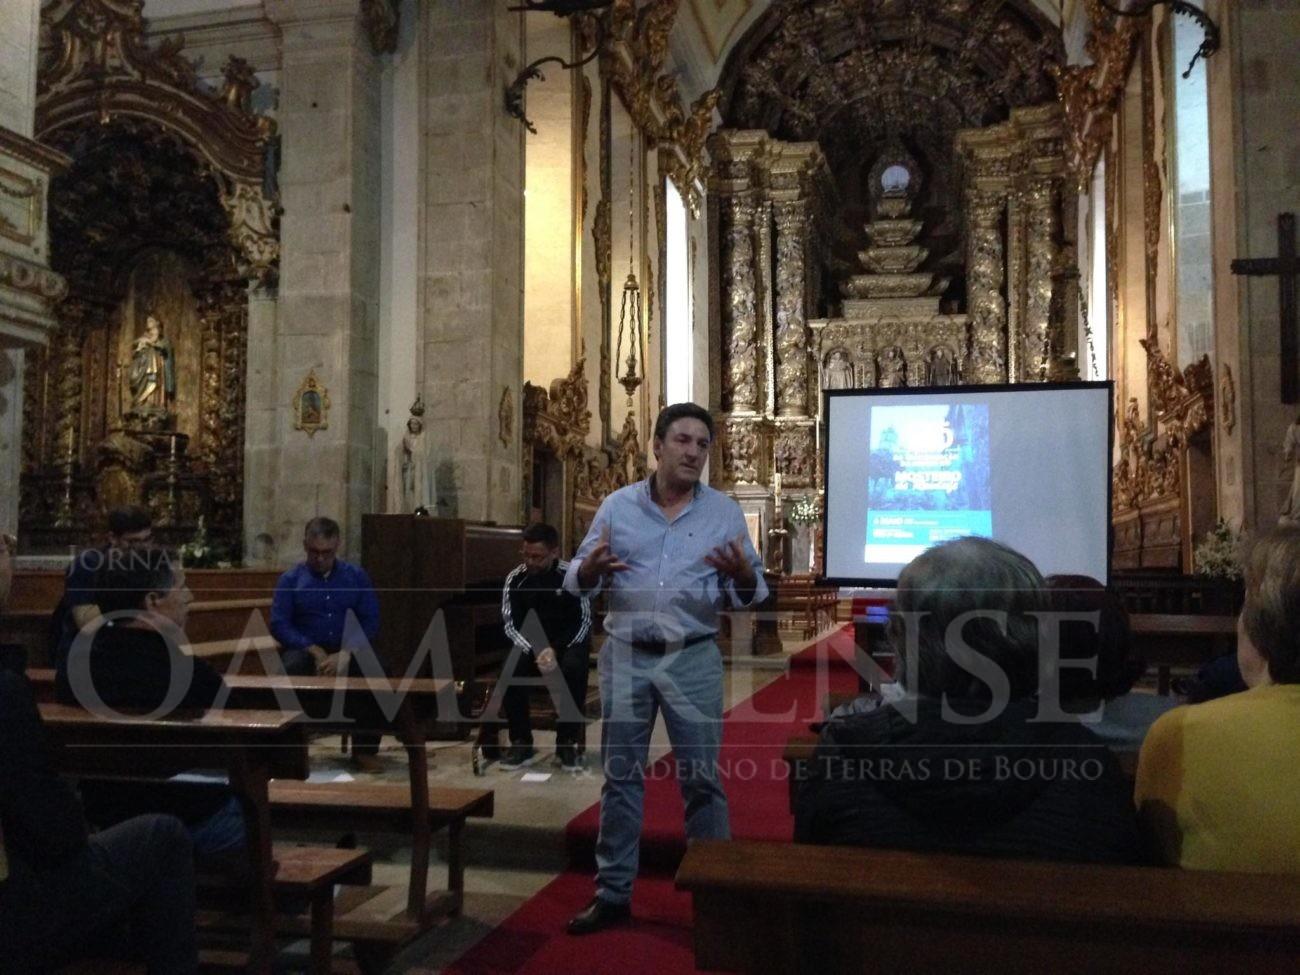 RENDUFE –  Palestra e momento musical assinalam 300 anos da Igreja do Mosteiro